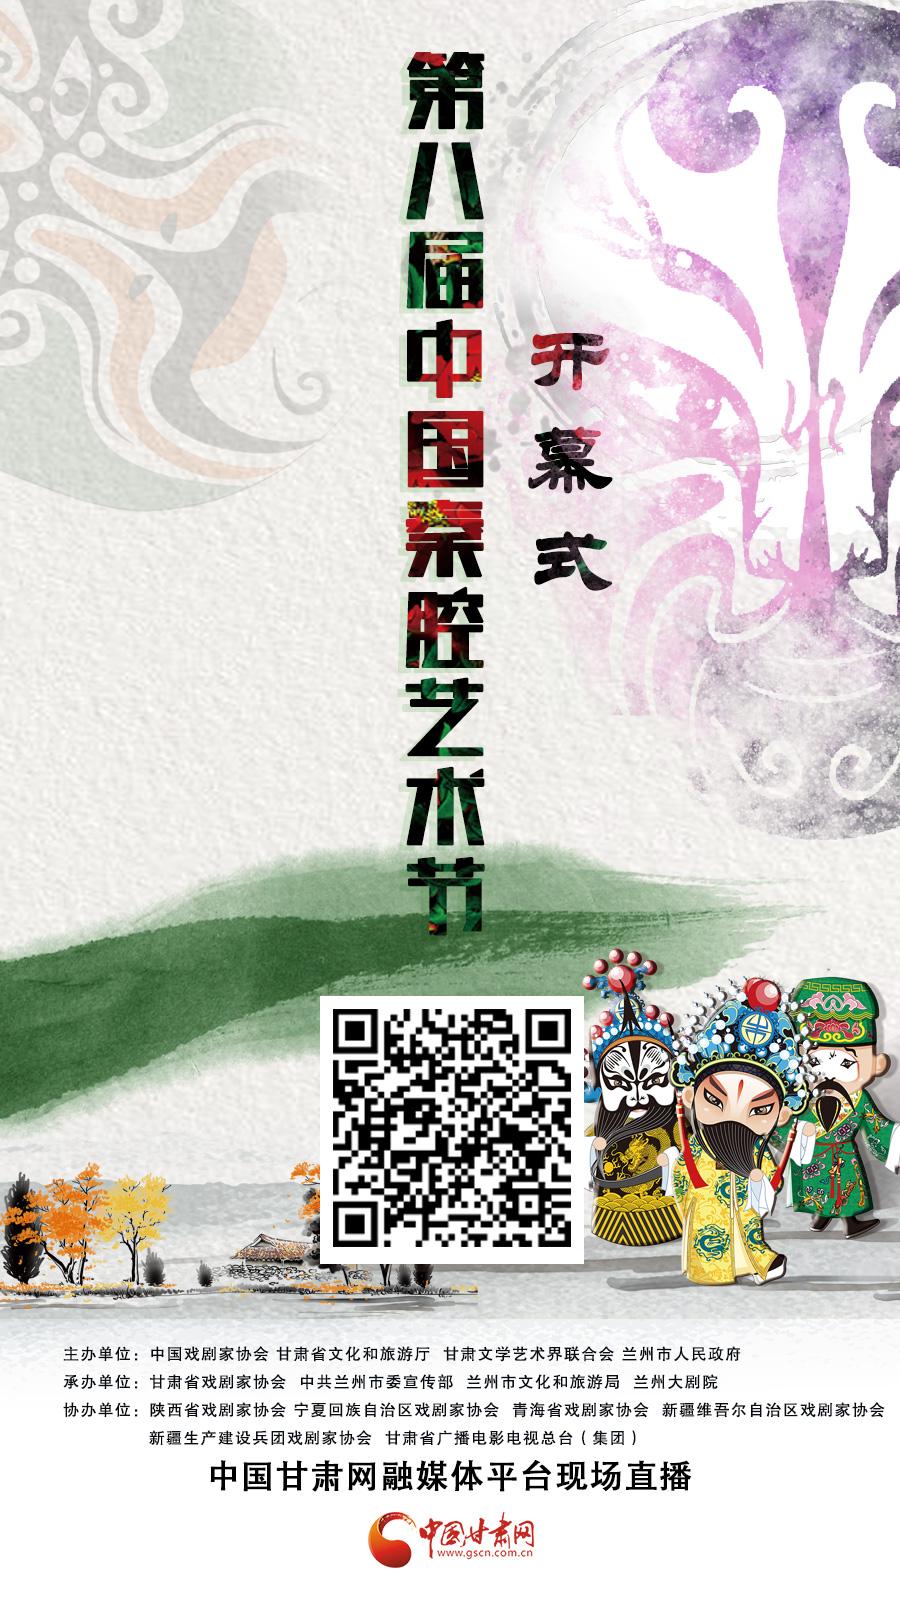 【中国甘肃网-现场直播】第八届中国秦腔艺术节开幕式